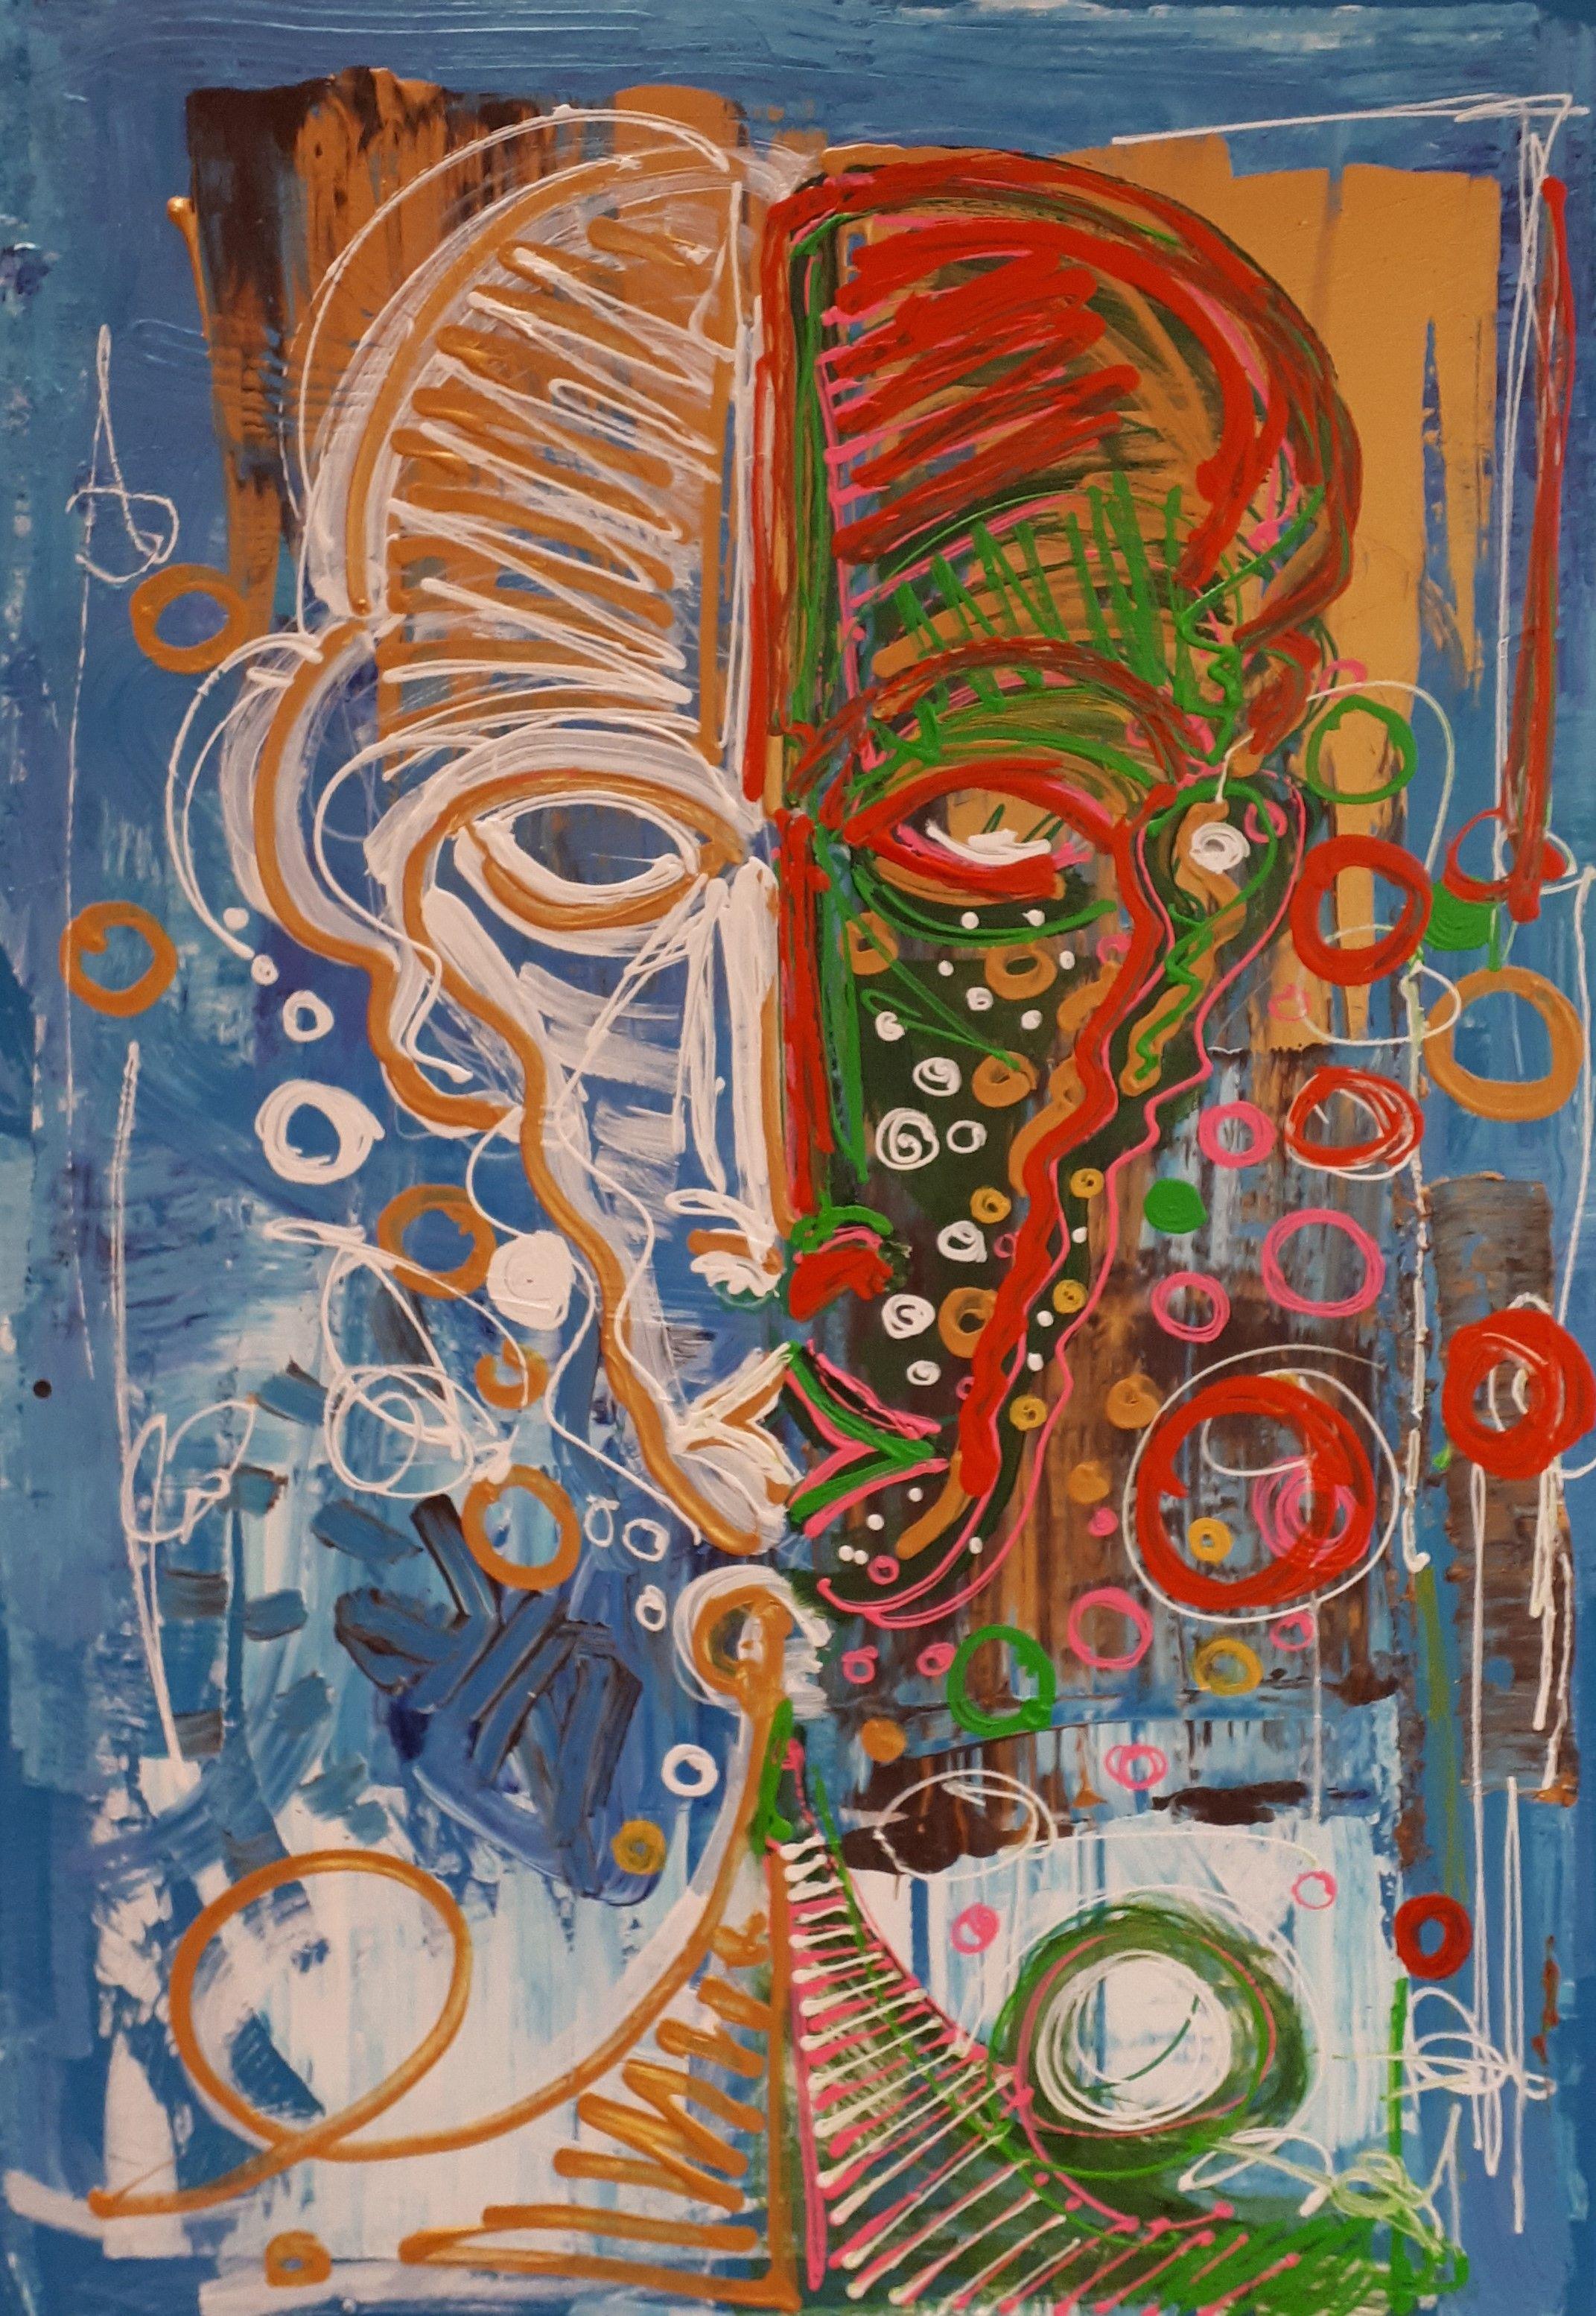 die galerie fur moderne kunst mario zanardi kunstproduktion selbstgemacht berlinische museum für landschaftsmalerei